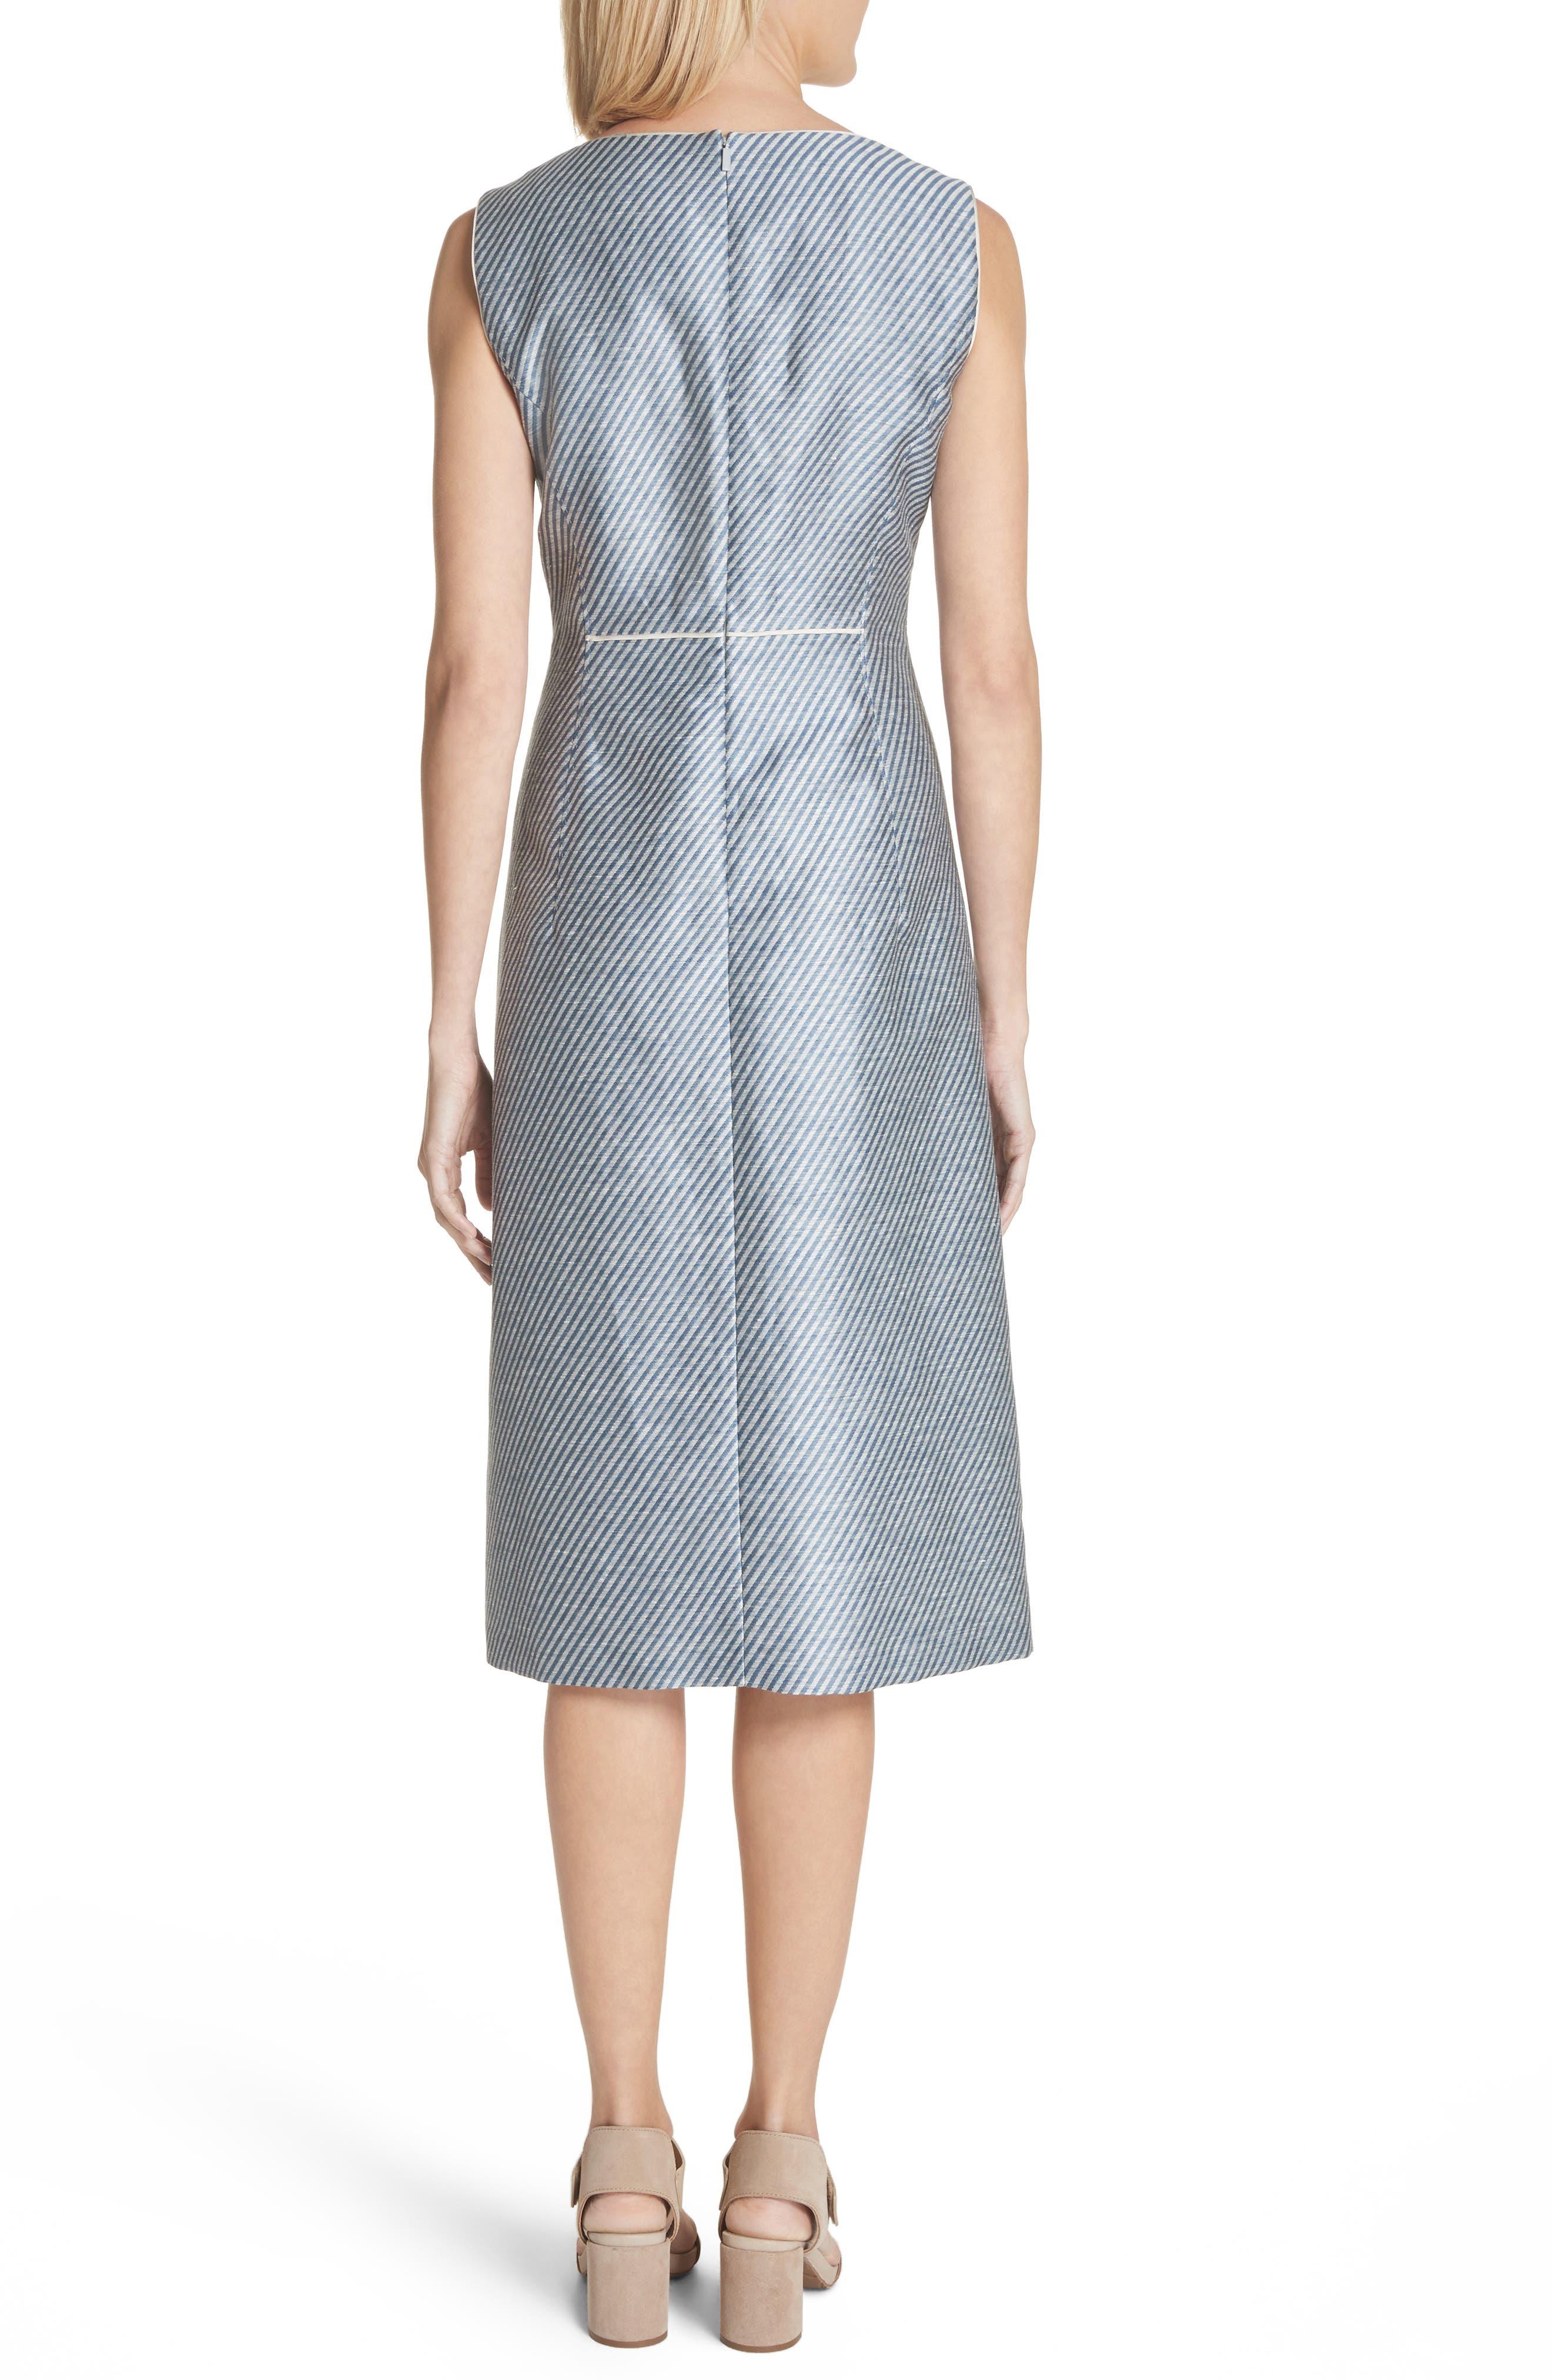 Jojo Sheath Dress,                             Alternate thumbnail 2, color,                             Glaze Blue Multi